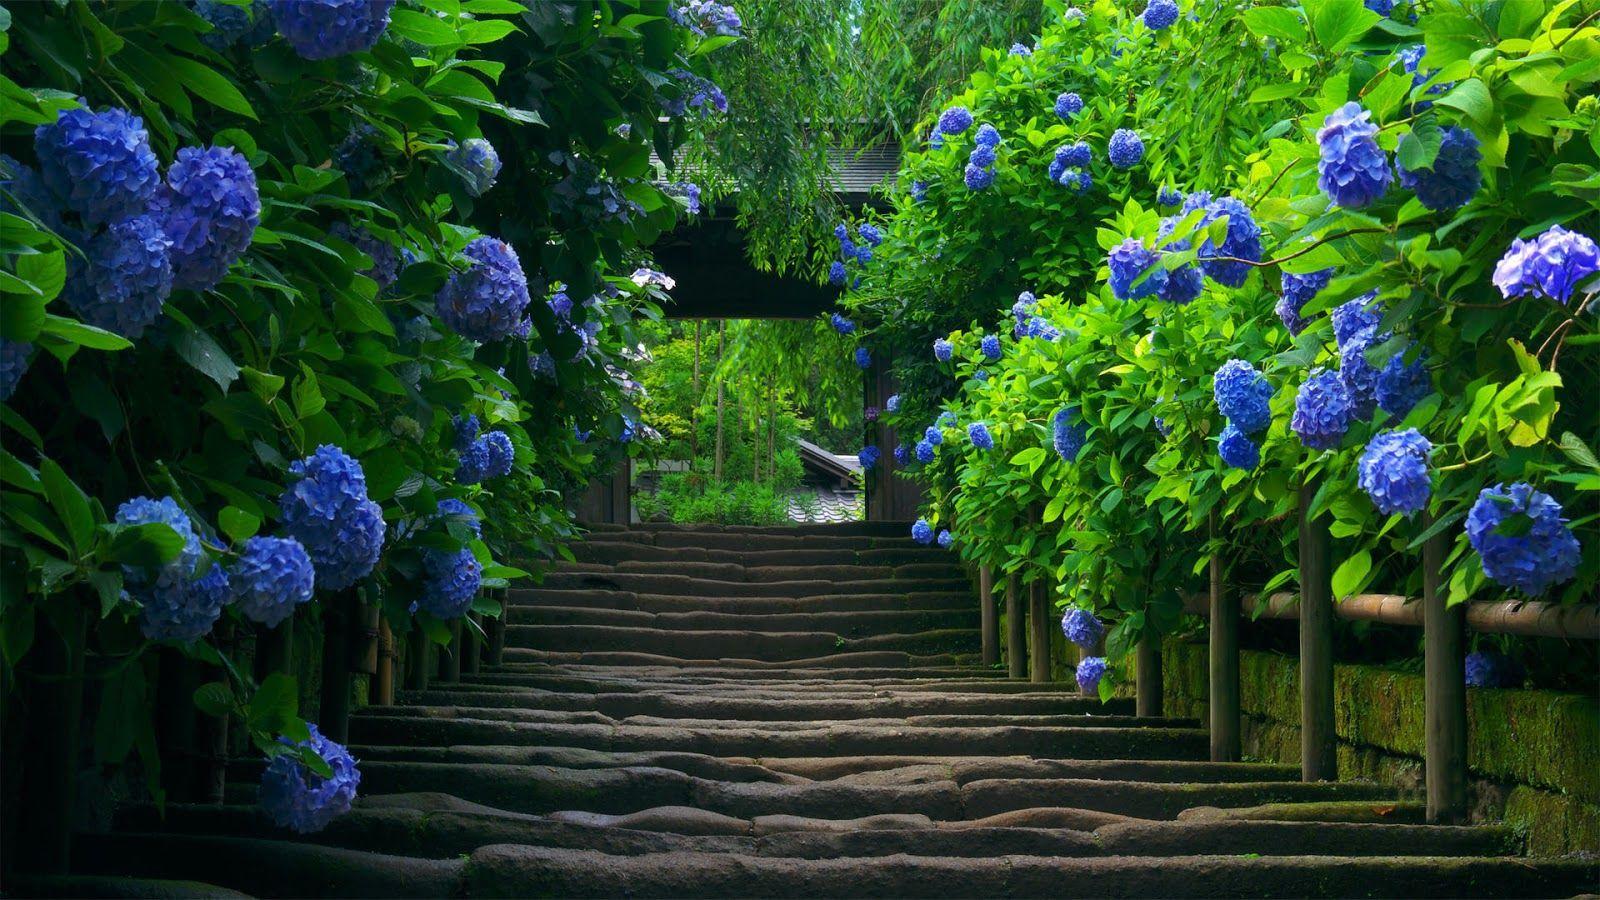 Desktop Photos of Nature nature desktop backgrounds 1600x900